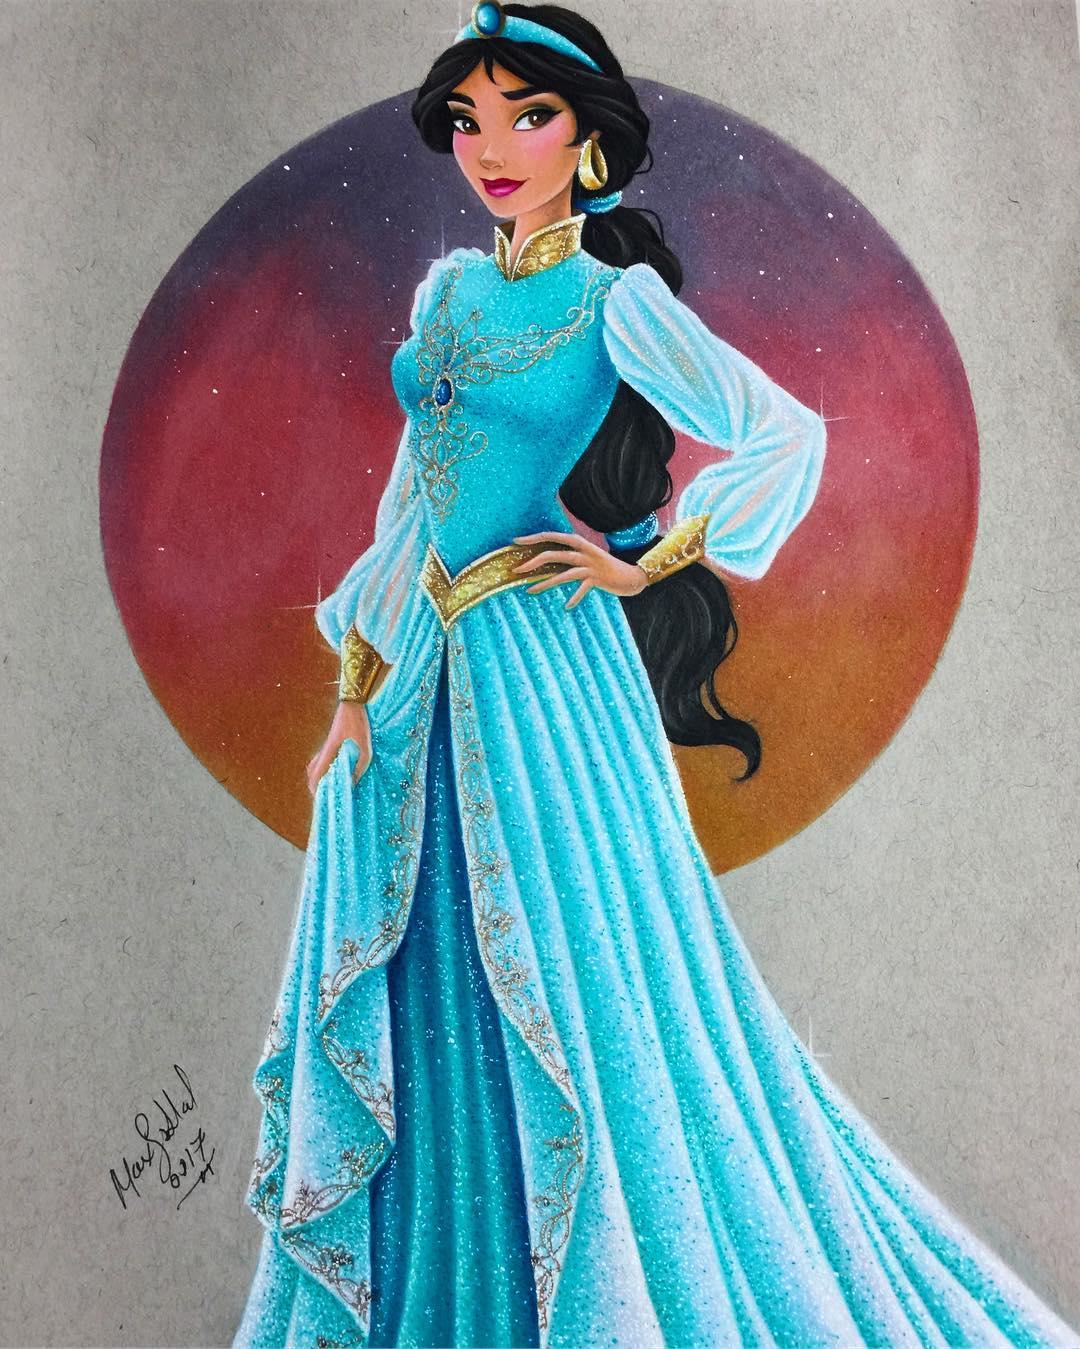 Disney Princess Gallery Slideshow: Шедевральные портреты Дисней Принцесс, нарисованные